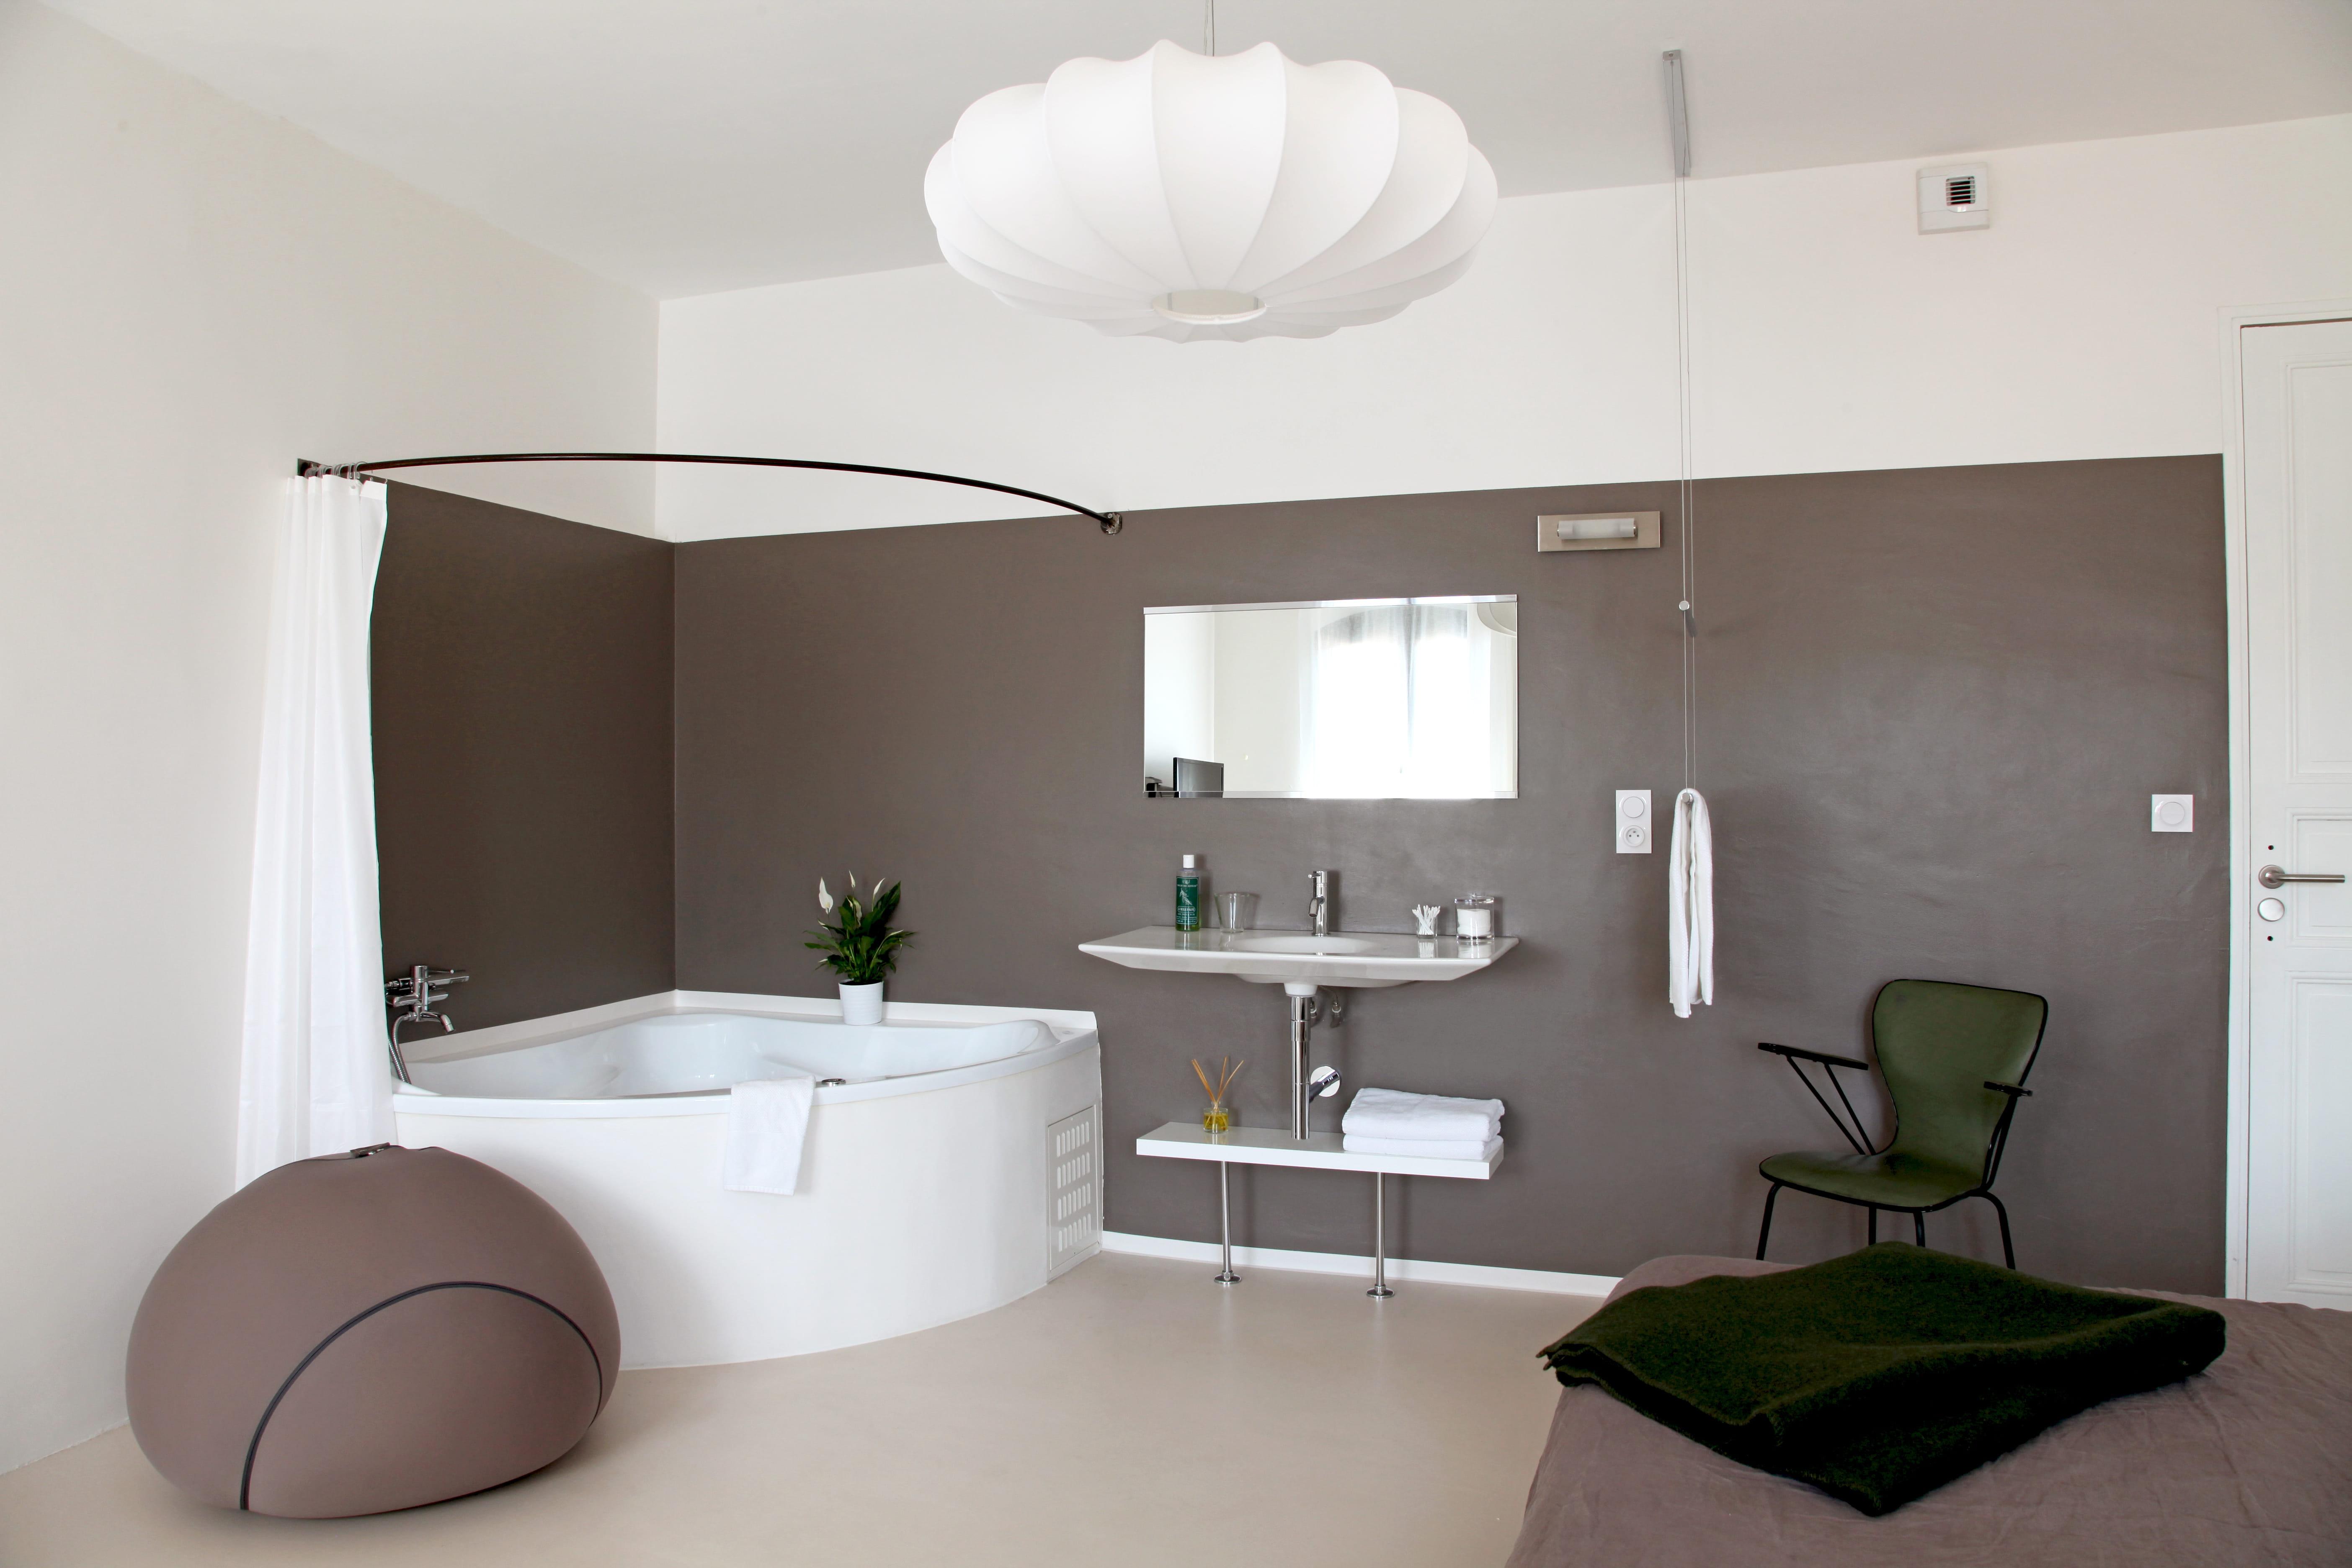 Quand la chambre et la salle de bains fusionnent - Deco salle de bain taupe ...